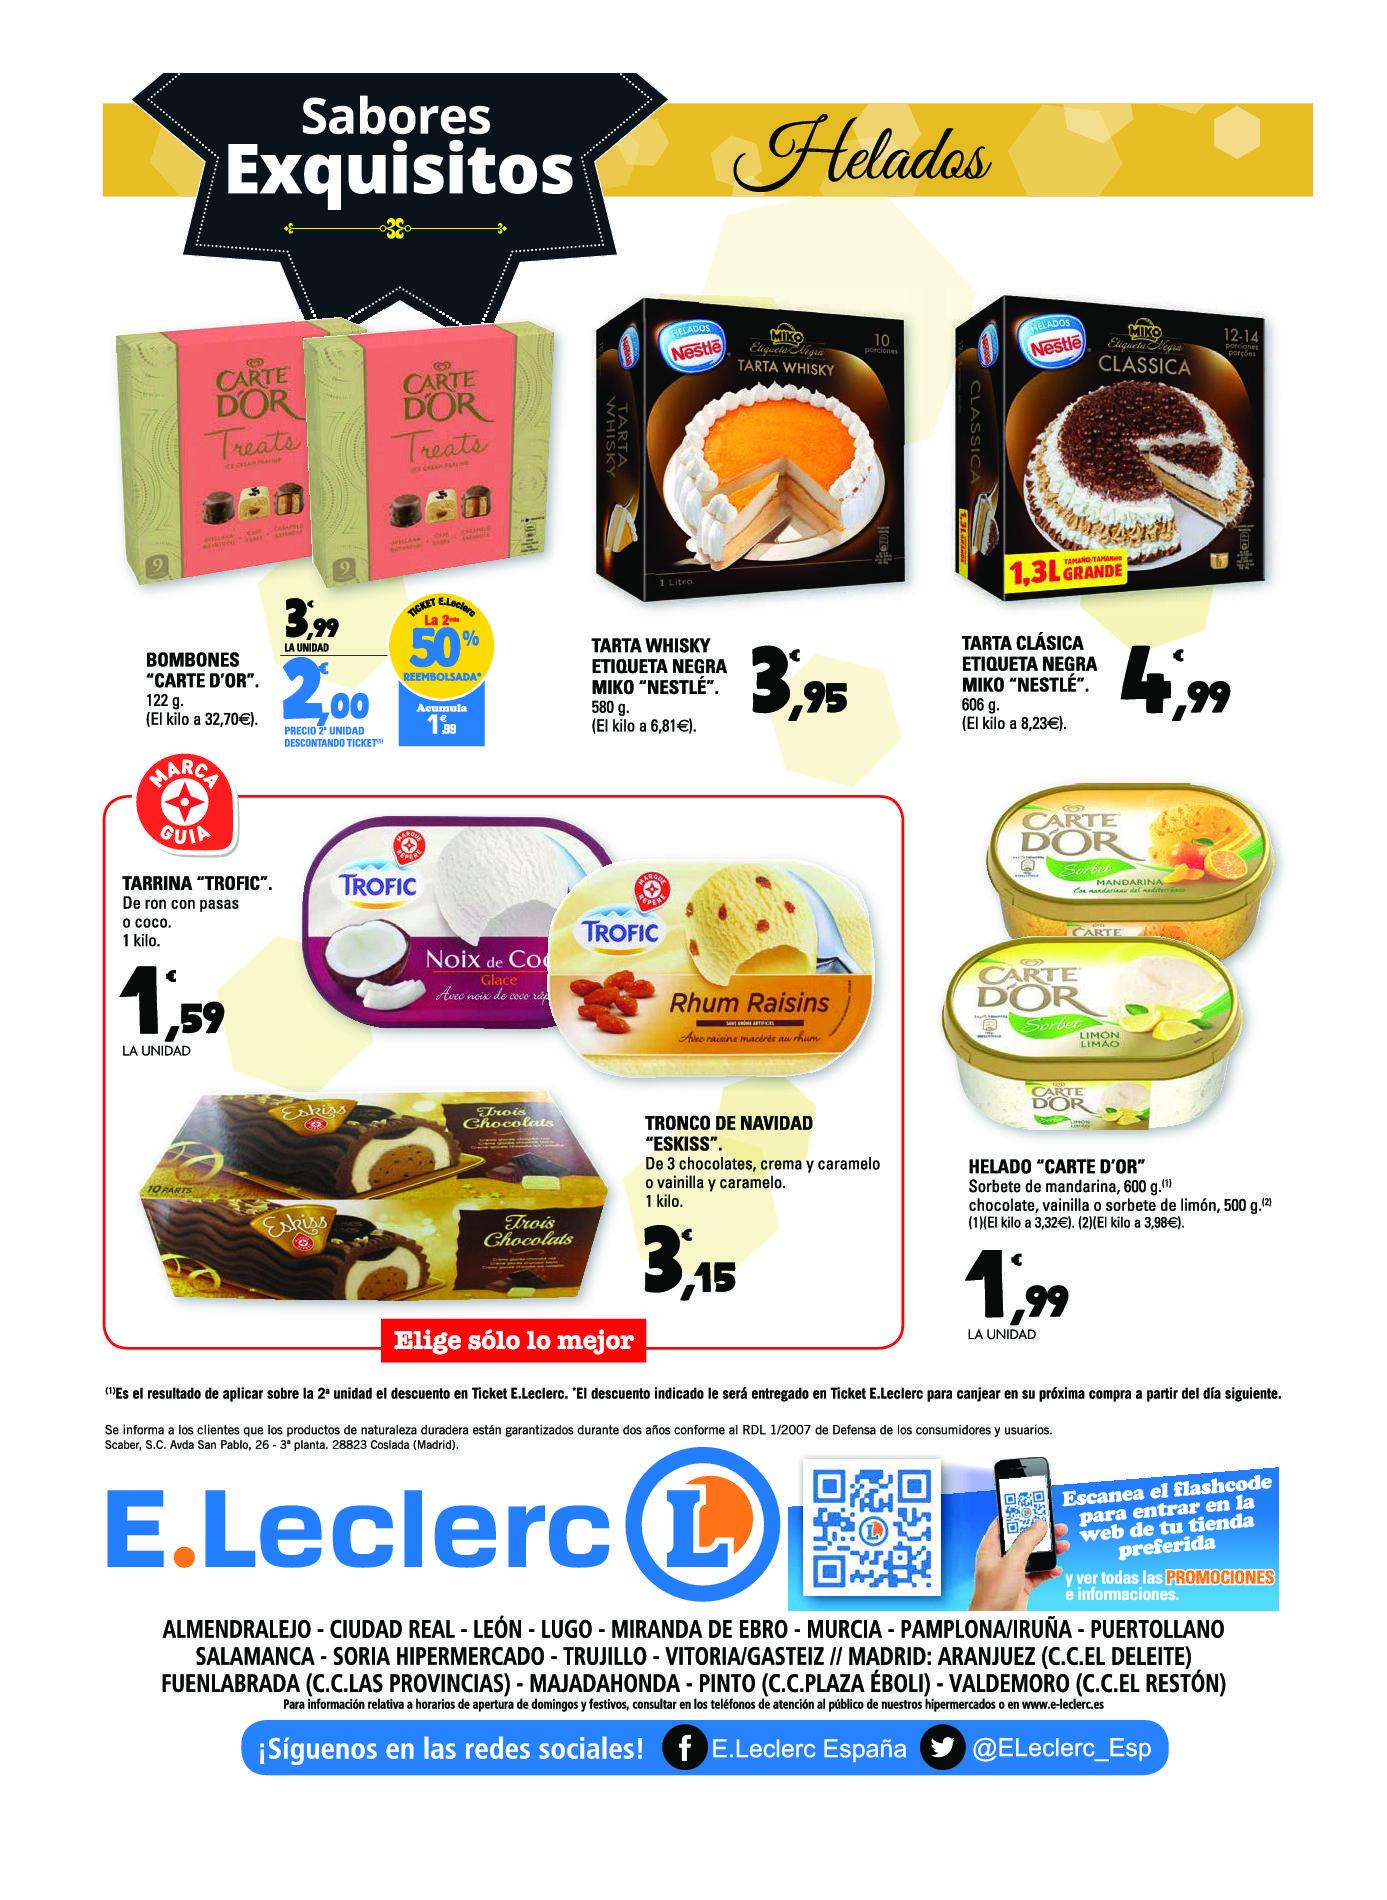 E leclerc sabores exquisitos for Leclerc brochure